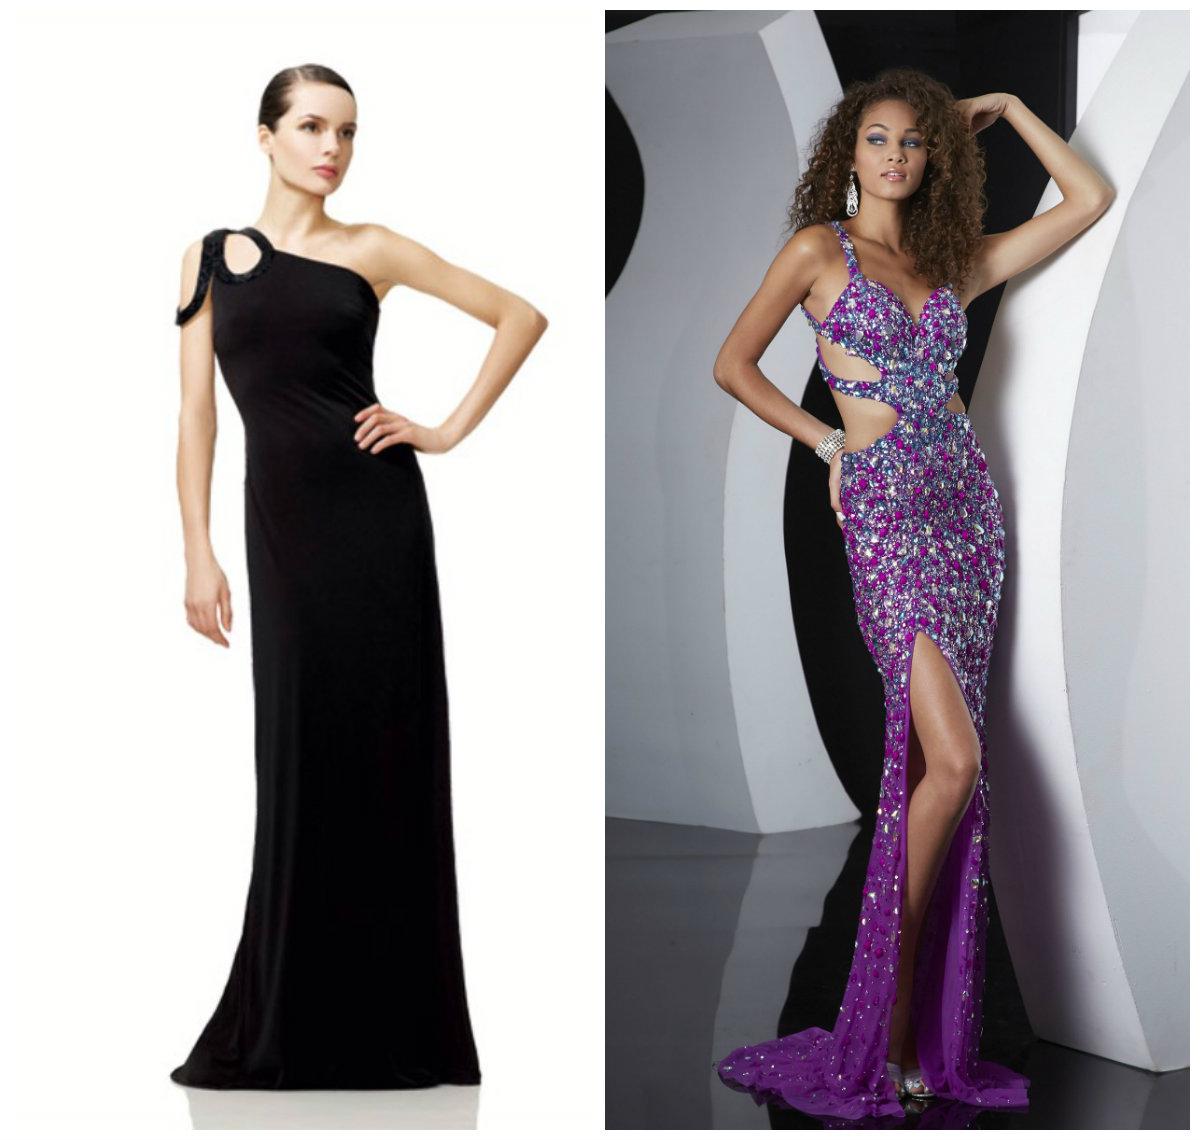 Модные-летние-платья-2018-для-вечерних-выходов-Black-dress